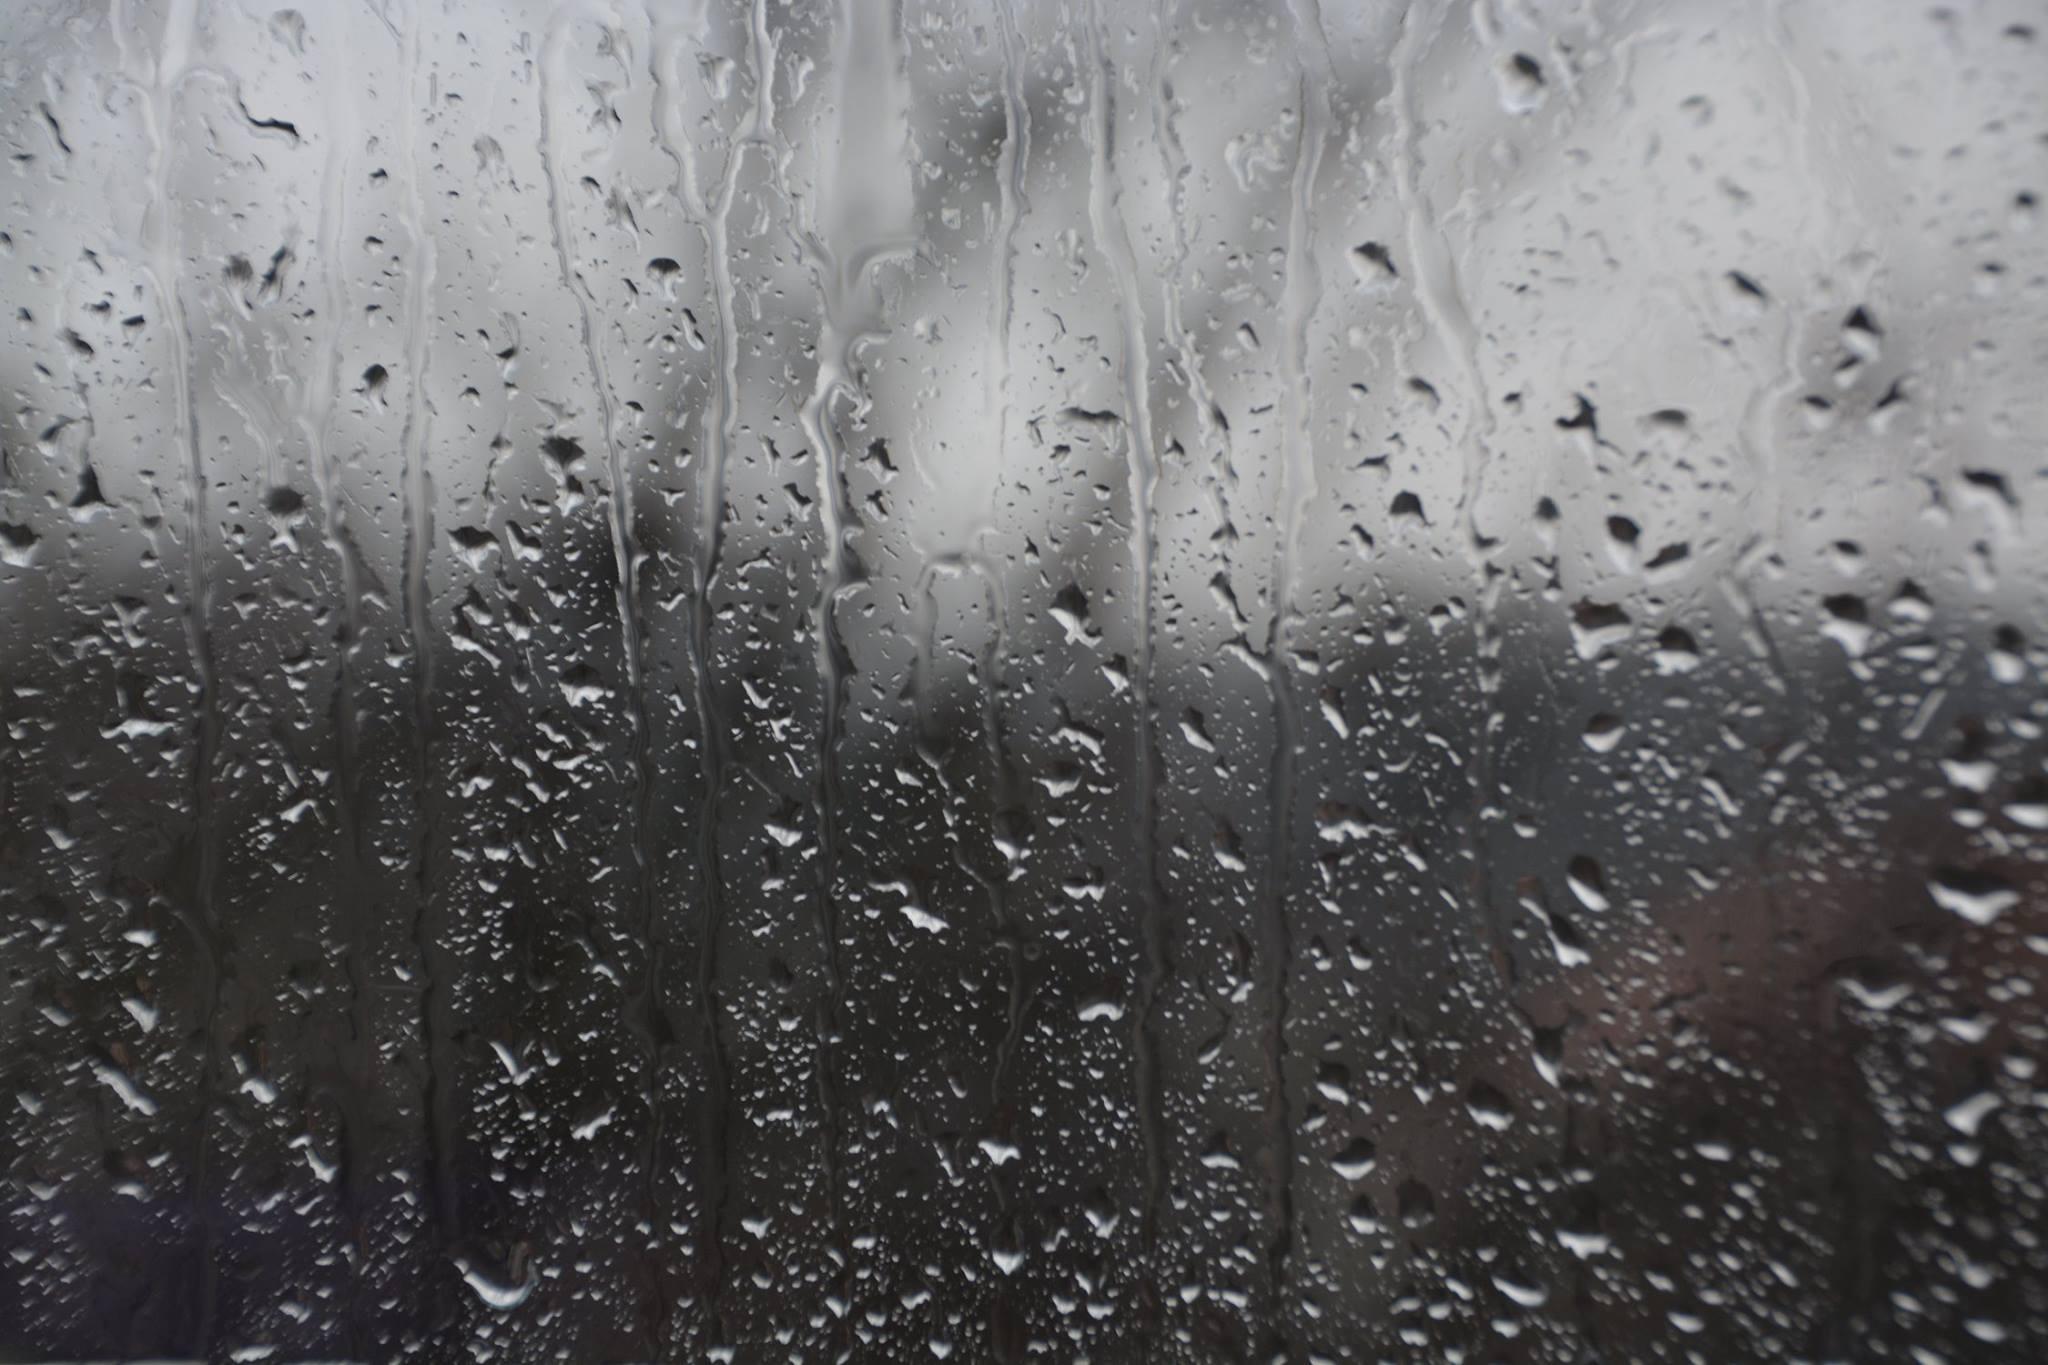 pogoda deszcz